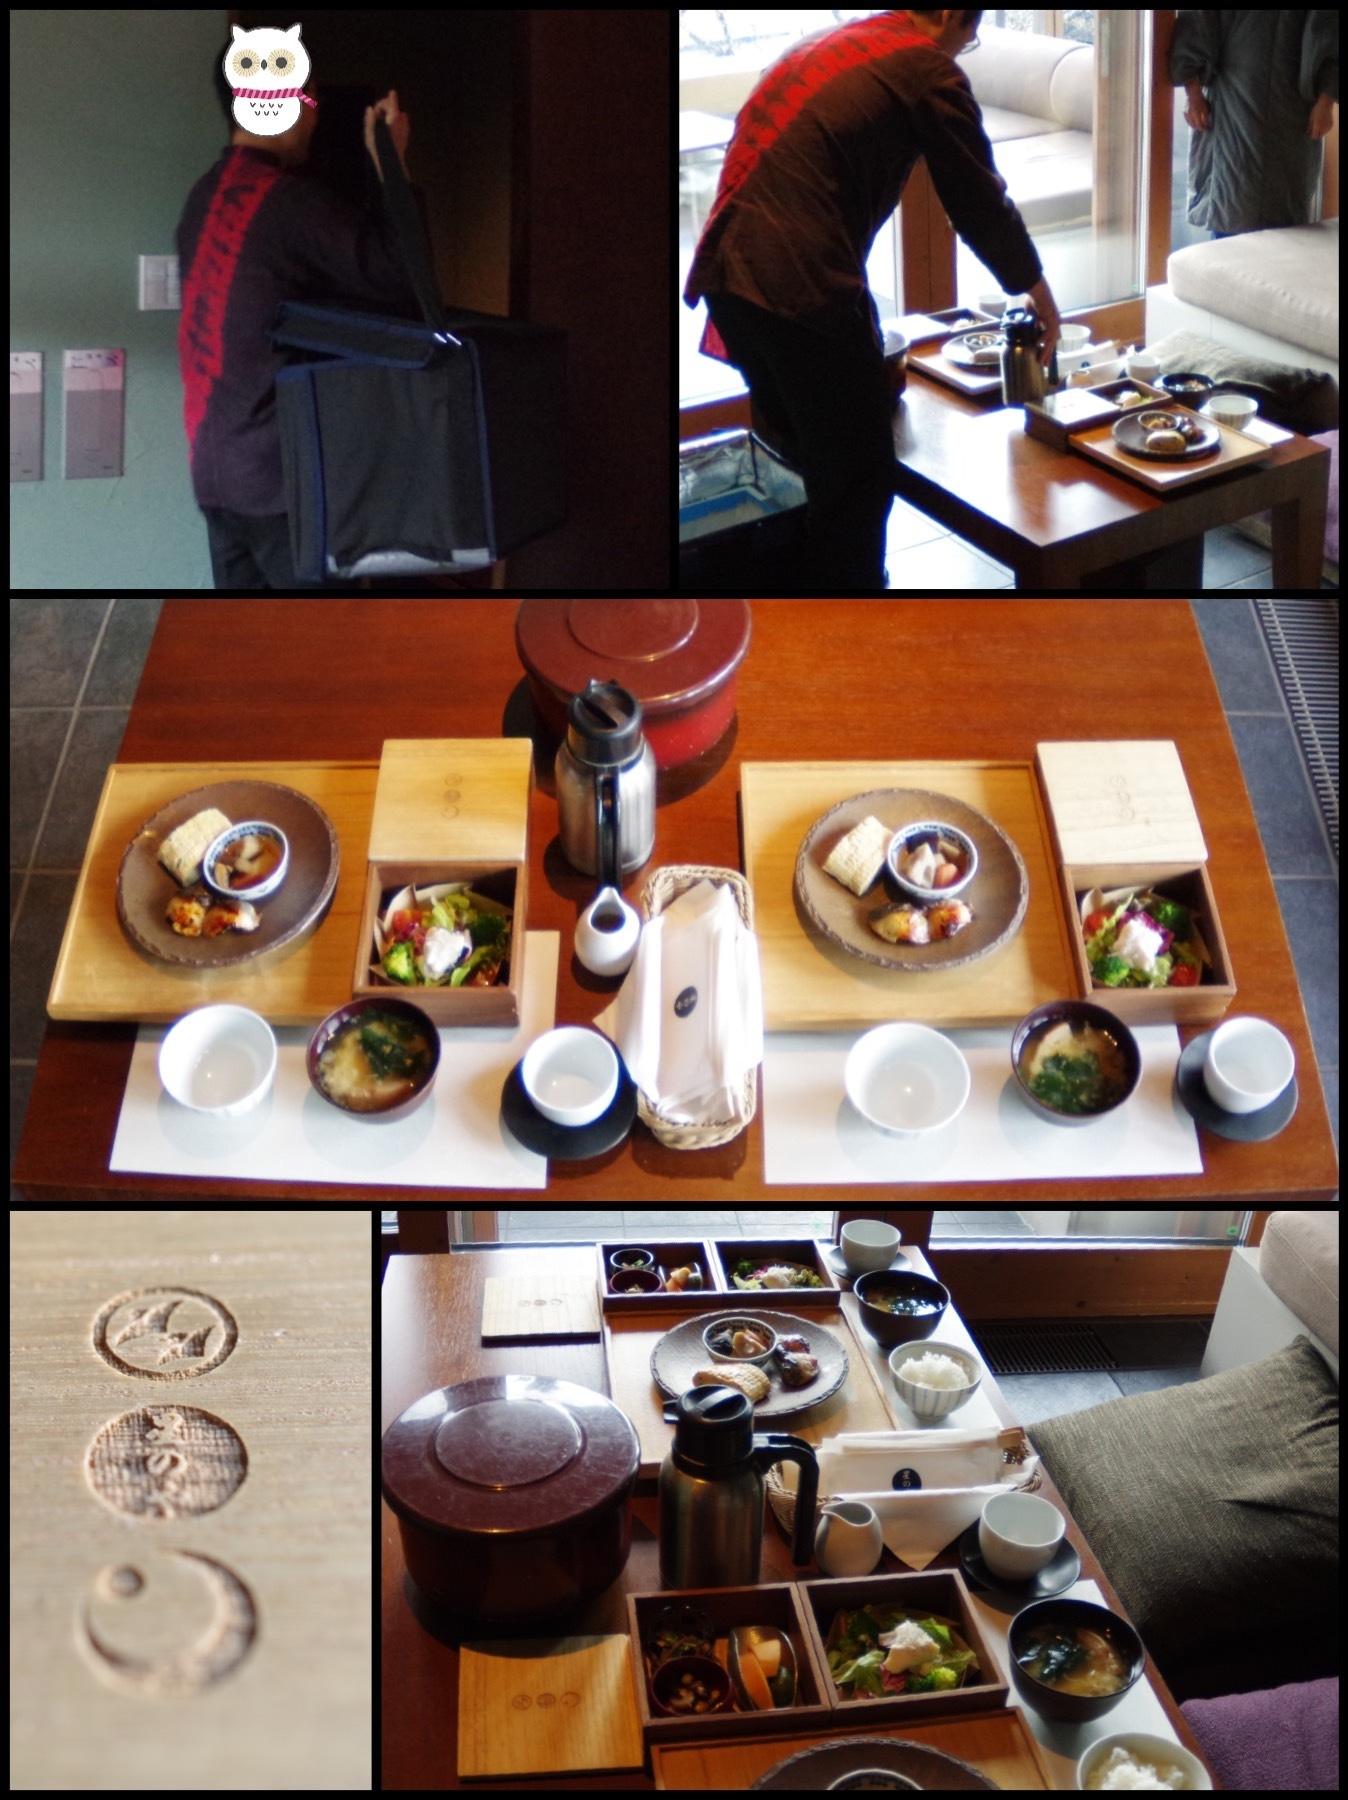 星のや軽井沢 山路地の部屋 宿泊 ルームサービス朝食 和食